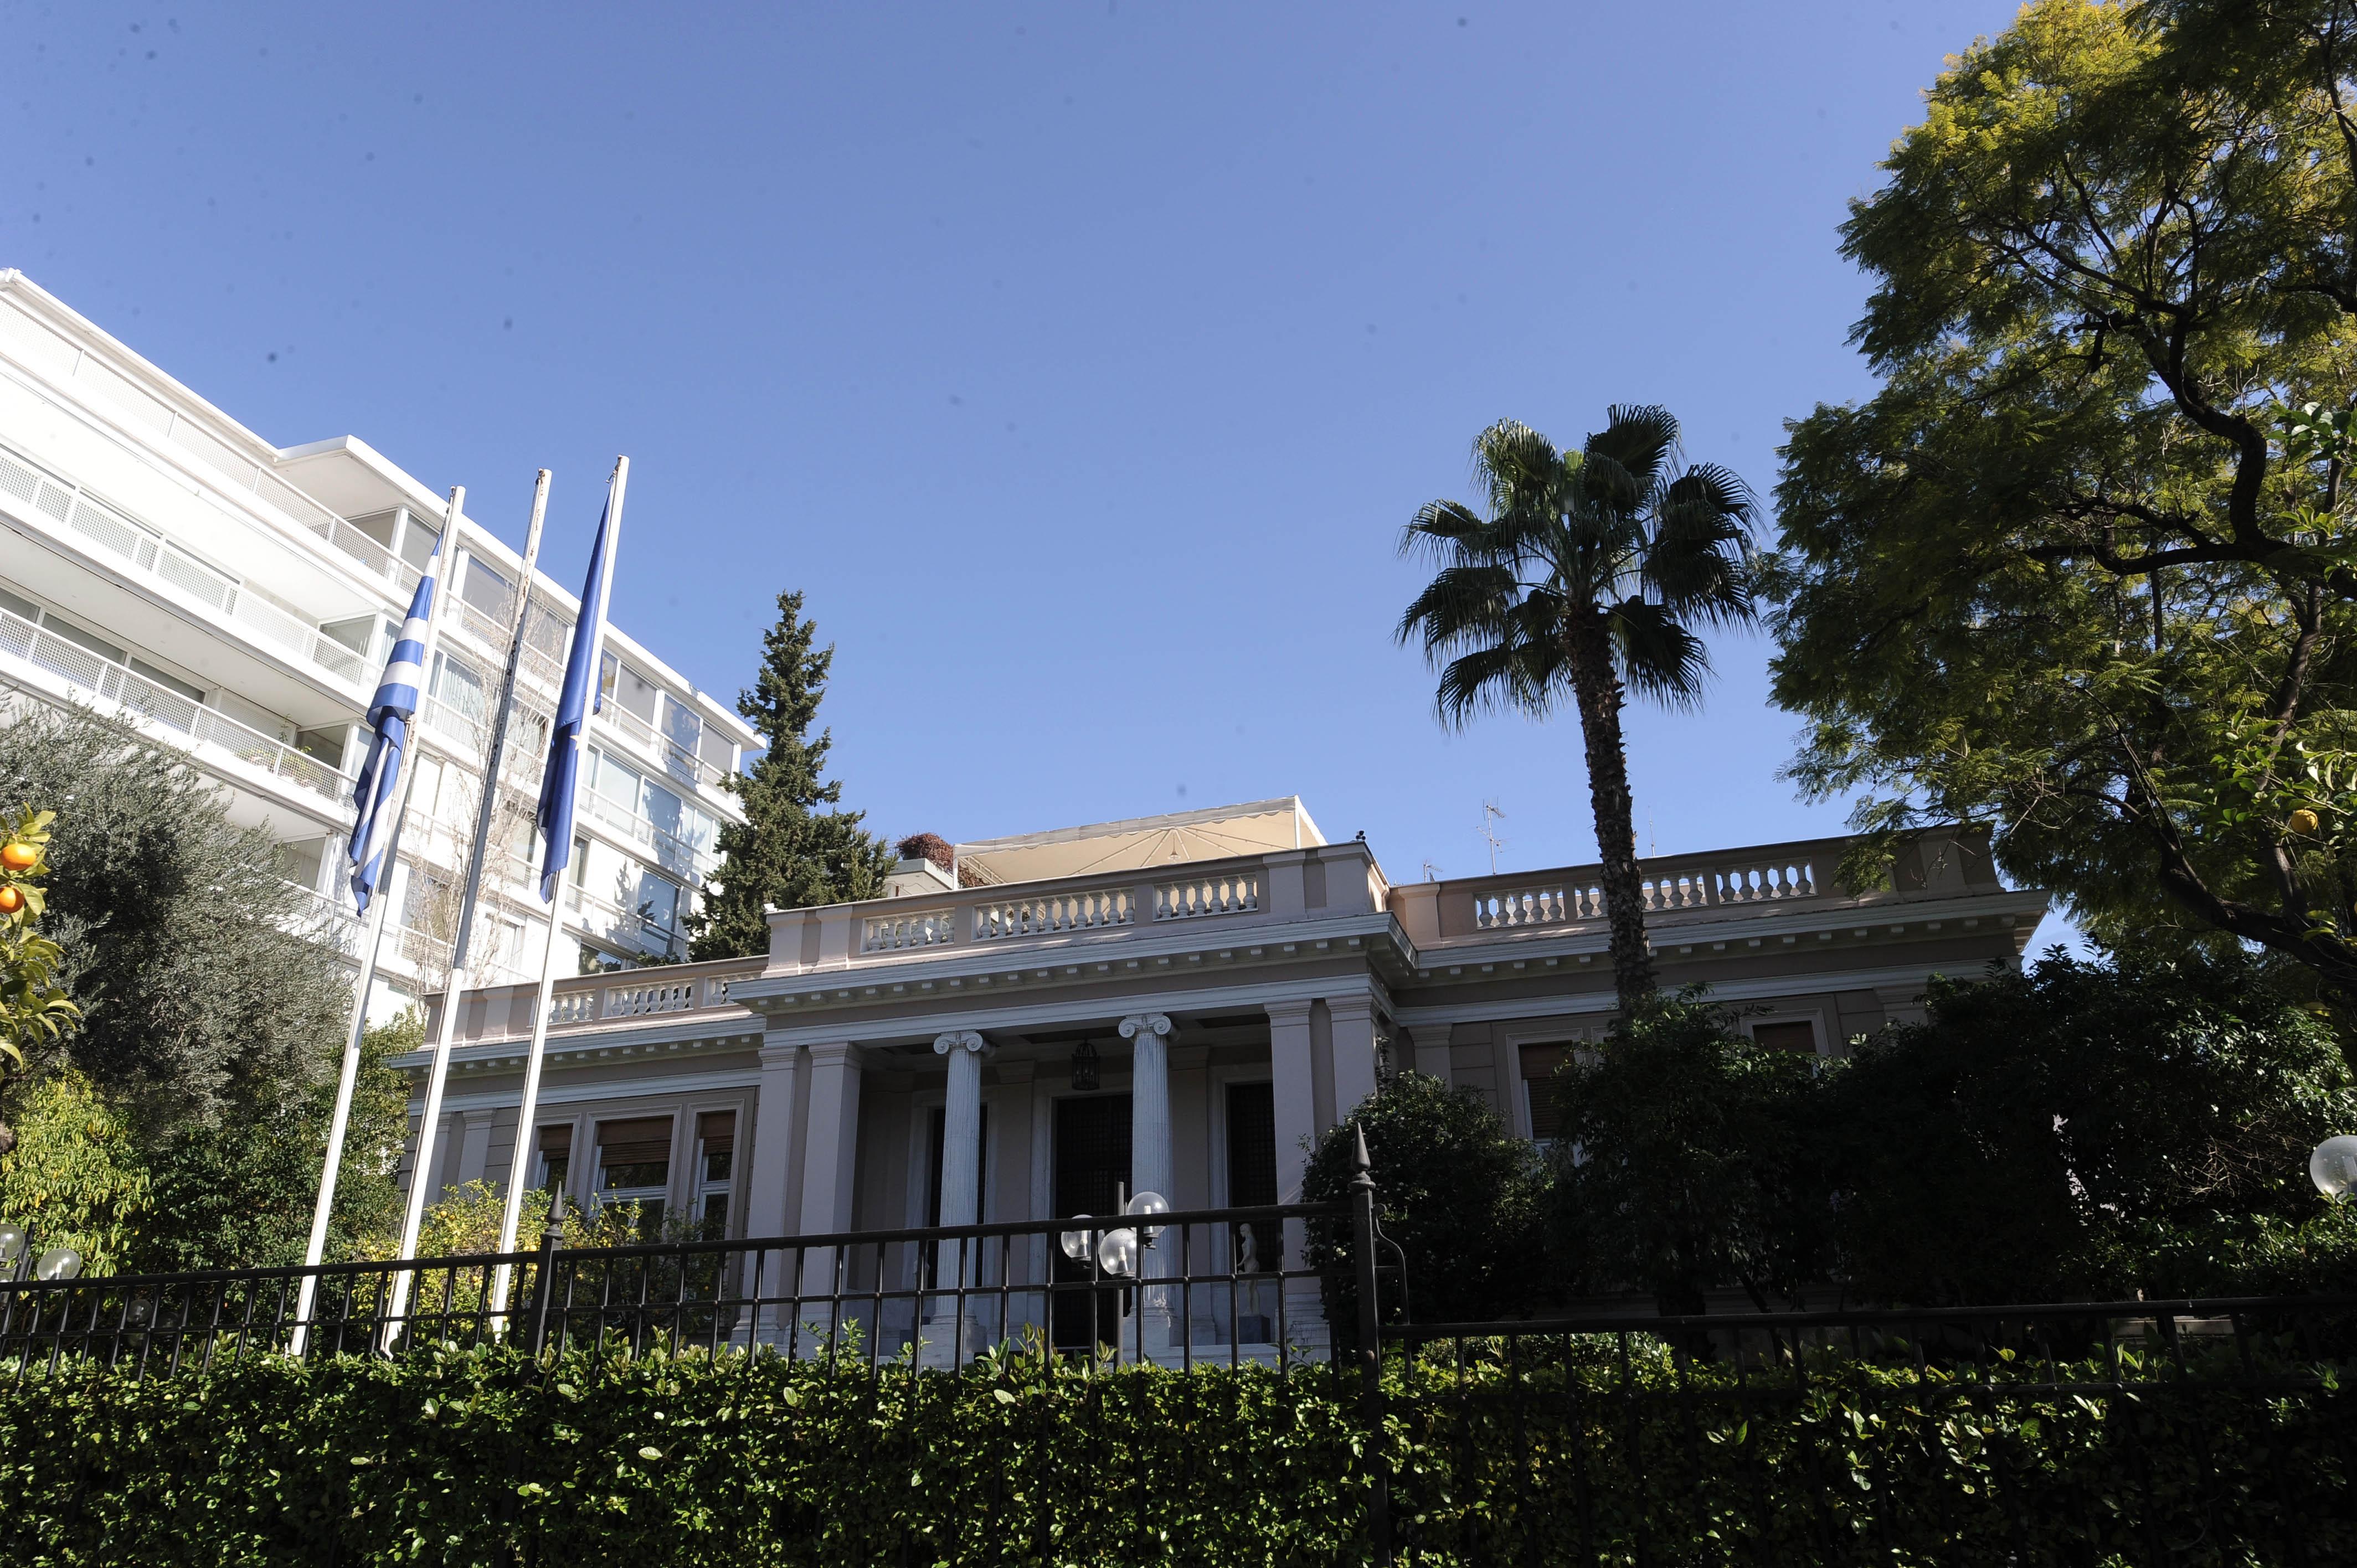 Νέα κόντρα κυβέρνησης – Ν.Δ. για τις Offshore των βουλευτών   tovima.gr